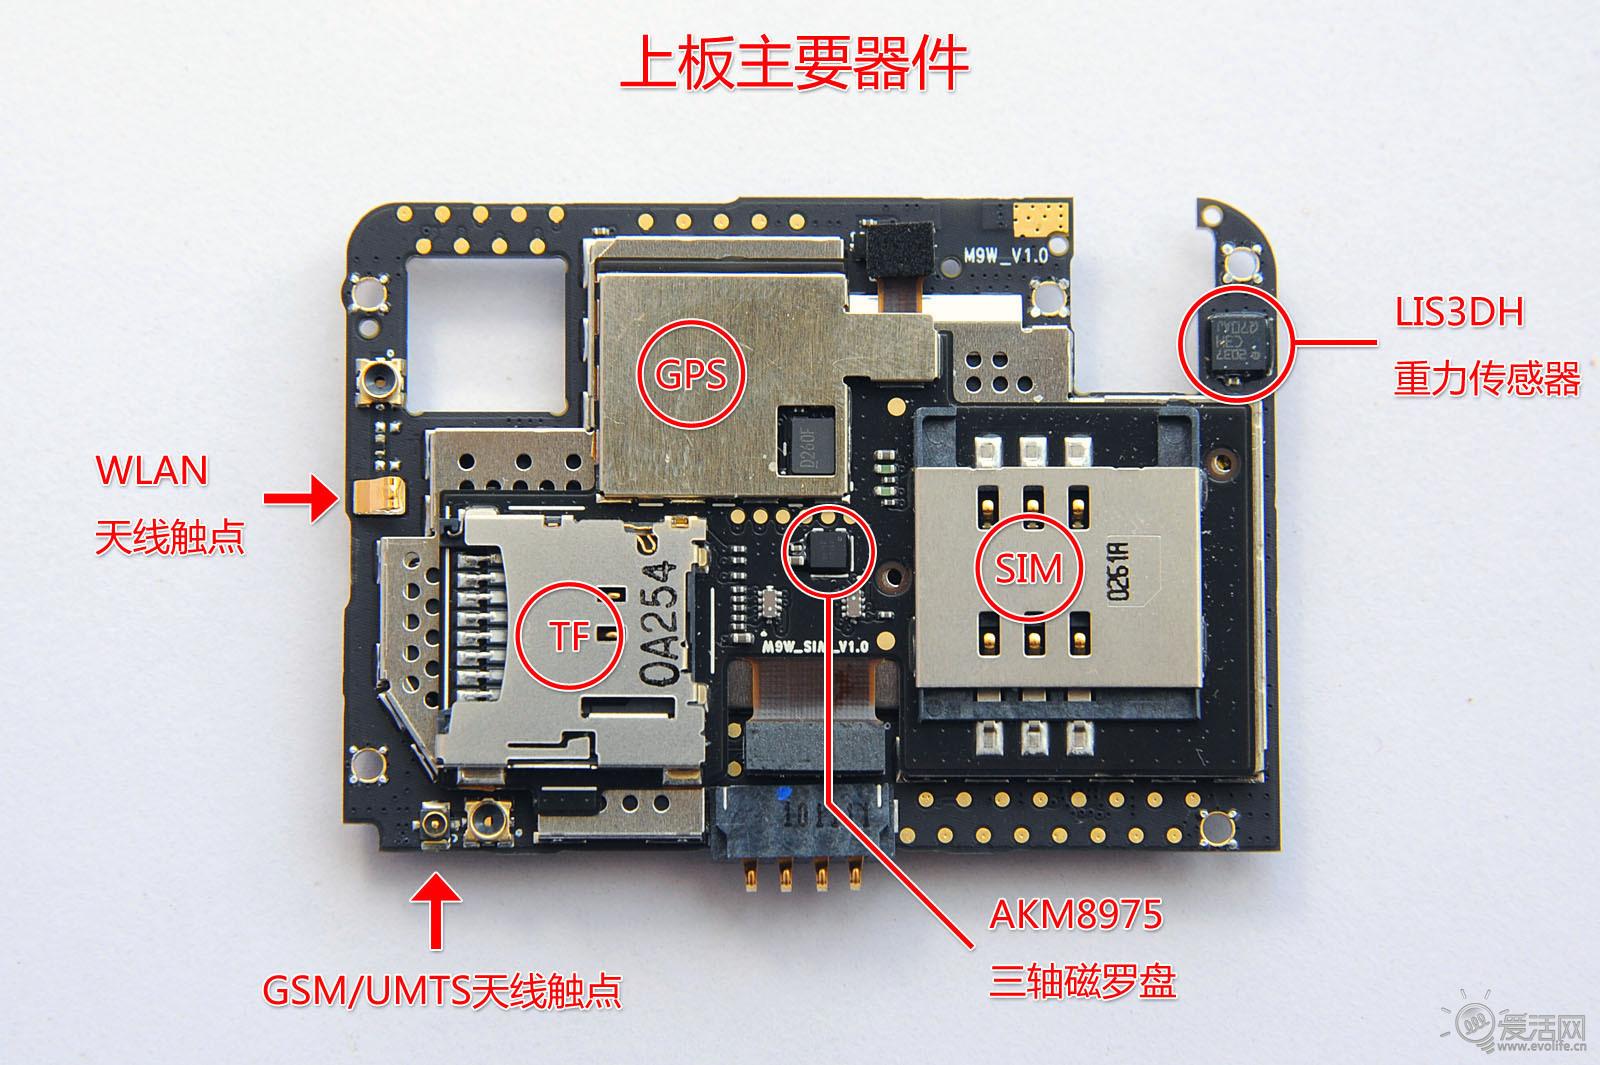 """芯片全析 每个元件的安放秘密 遥想当年iPhone4发布的时候,那张细长的主板曾引发无数人的惊呼,为苹果可以把如此复杂的一片手机主板设计成如此小的尺寸而感到不可思议。但是实际上在现在看来,很多新一代手机的主板大小并不比iPhone4大多少。可能是因为新一代中央处理器的集成度都很高,M9的主板从面积角度而言,也十分的细小,让我们来看一下它的真容。  M9的主板采用了""""主板+子板""""的设计,大部分的主要原件位于下方的主板,而在主板的屏蔽层上额外粘贴了一张柔性的子板,其上则安装诸如SIM卡"""